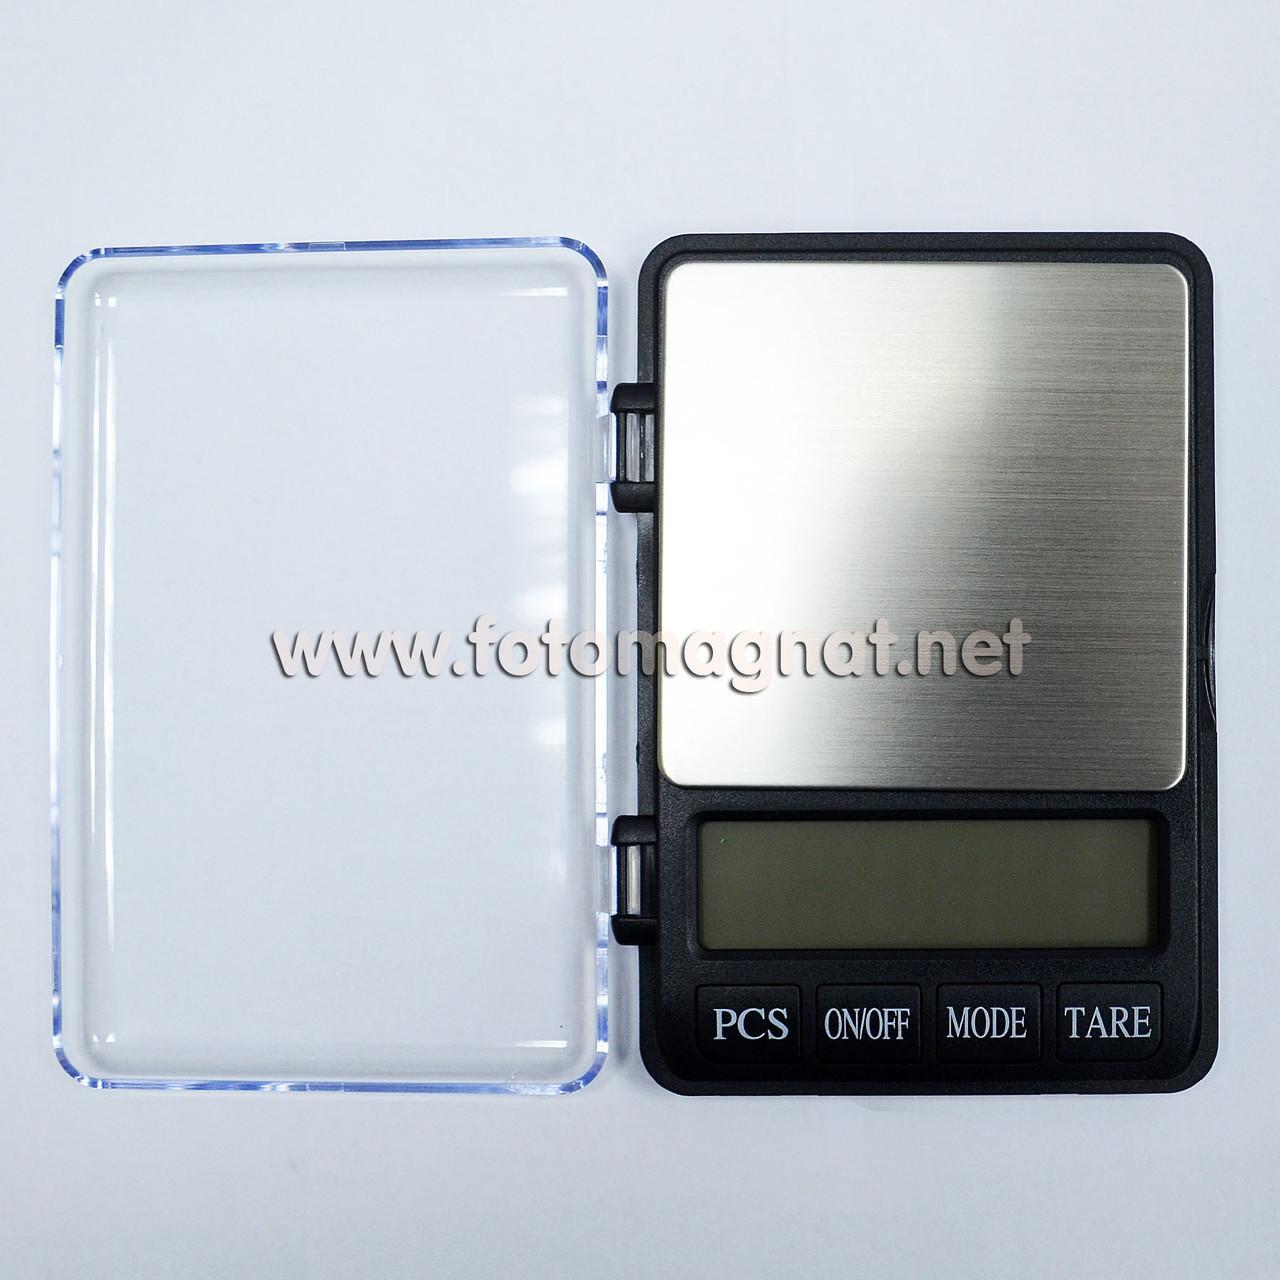 Весы ювелирные МН-999, 600г. 0.01г (карманные весы)